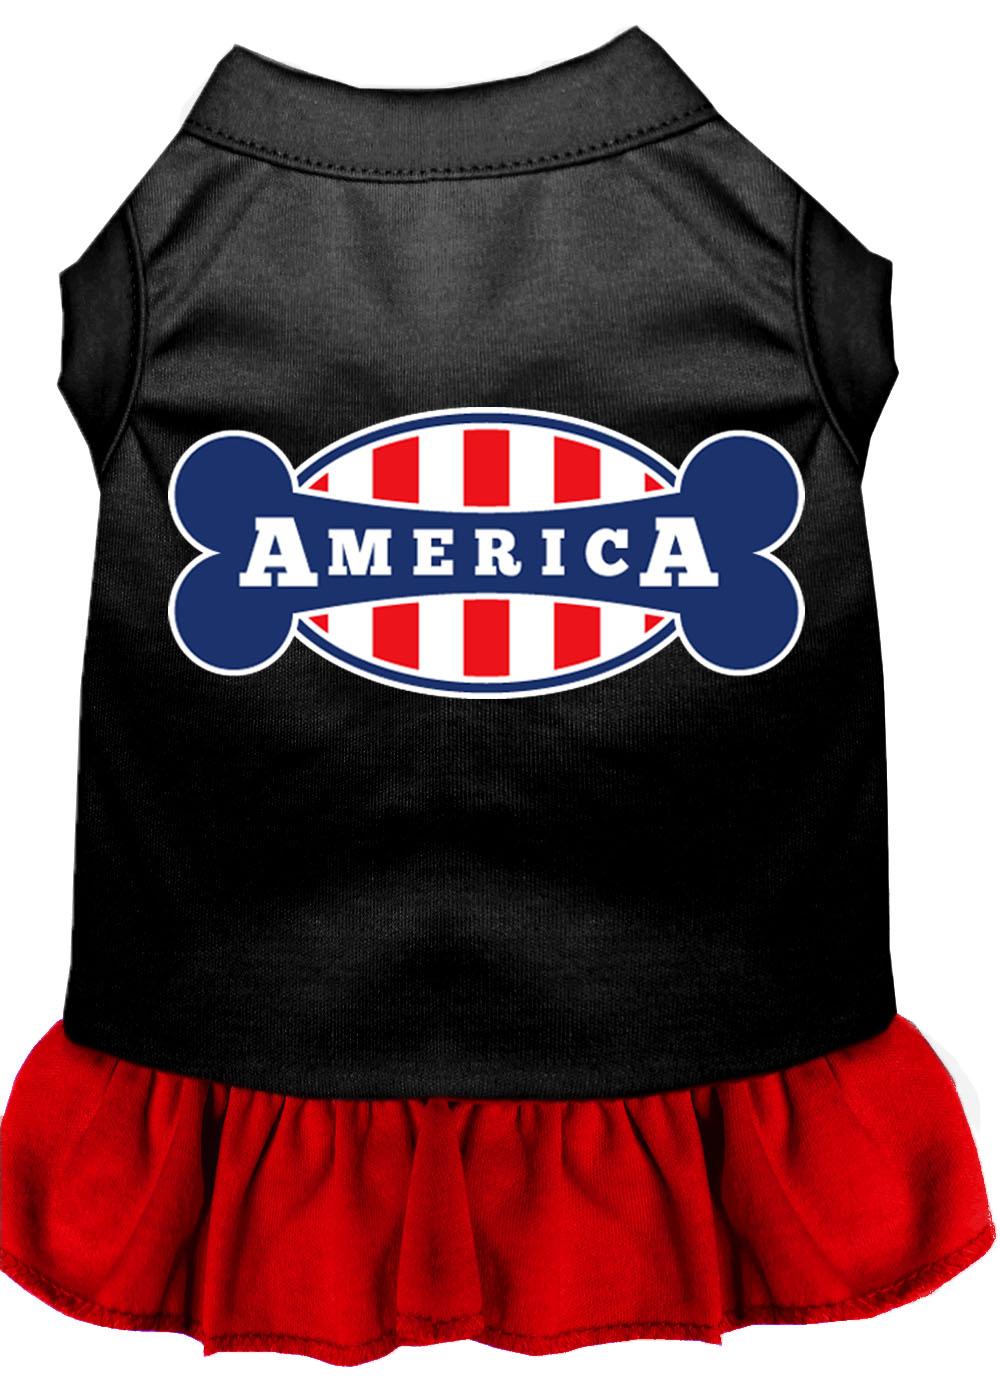 Bonely in america screen print dress black with red xxl 18 for Xxl 18 xxl 2012 black